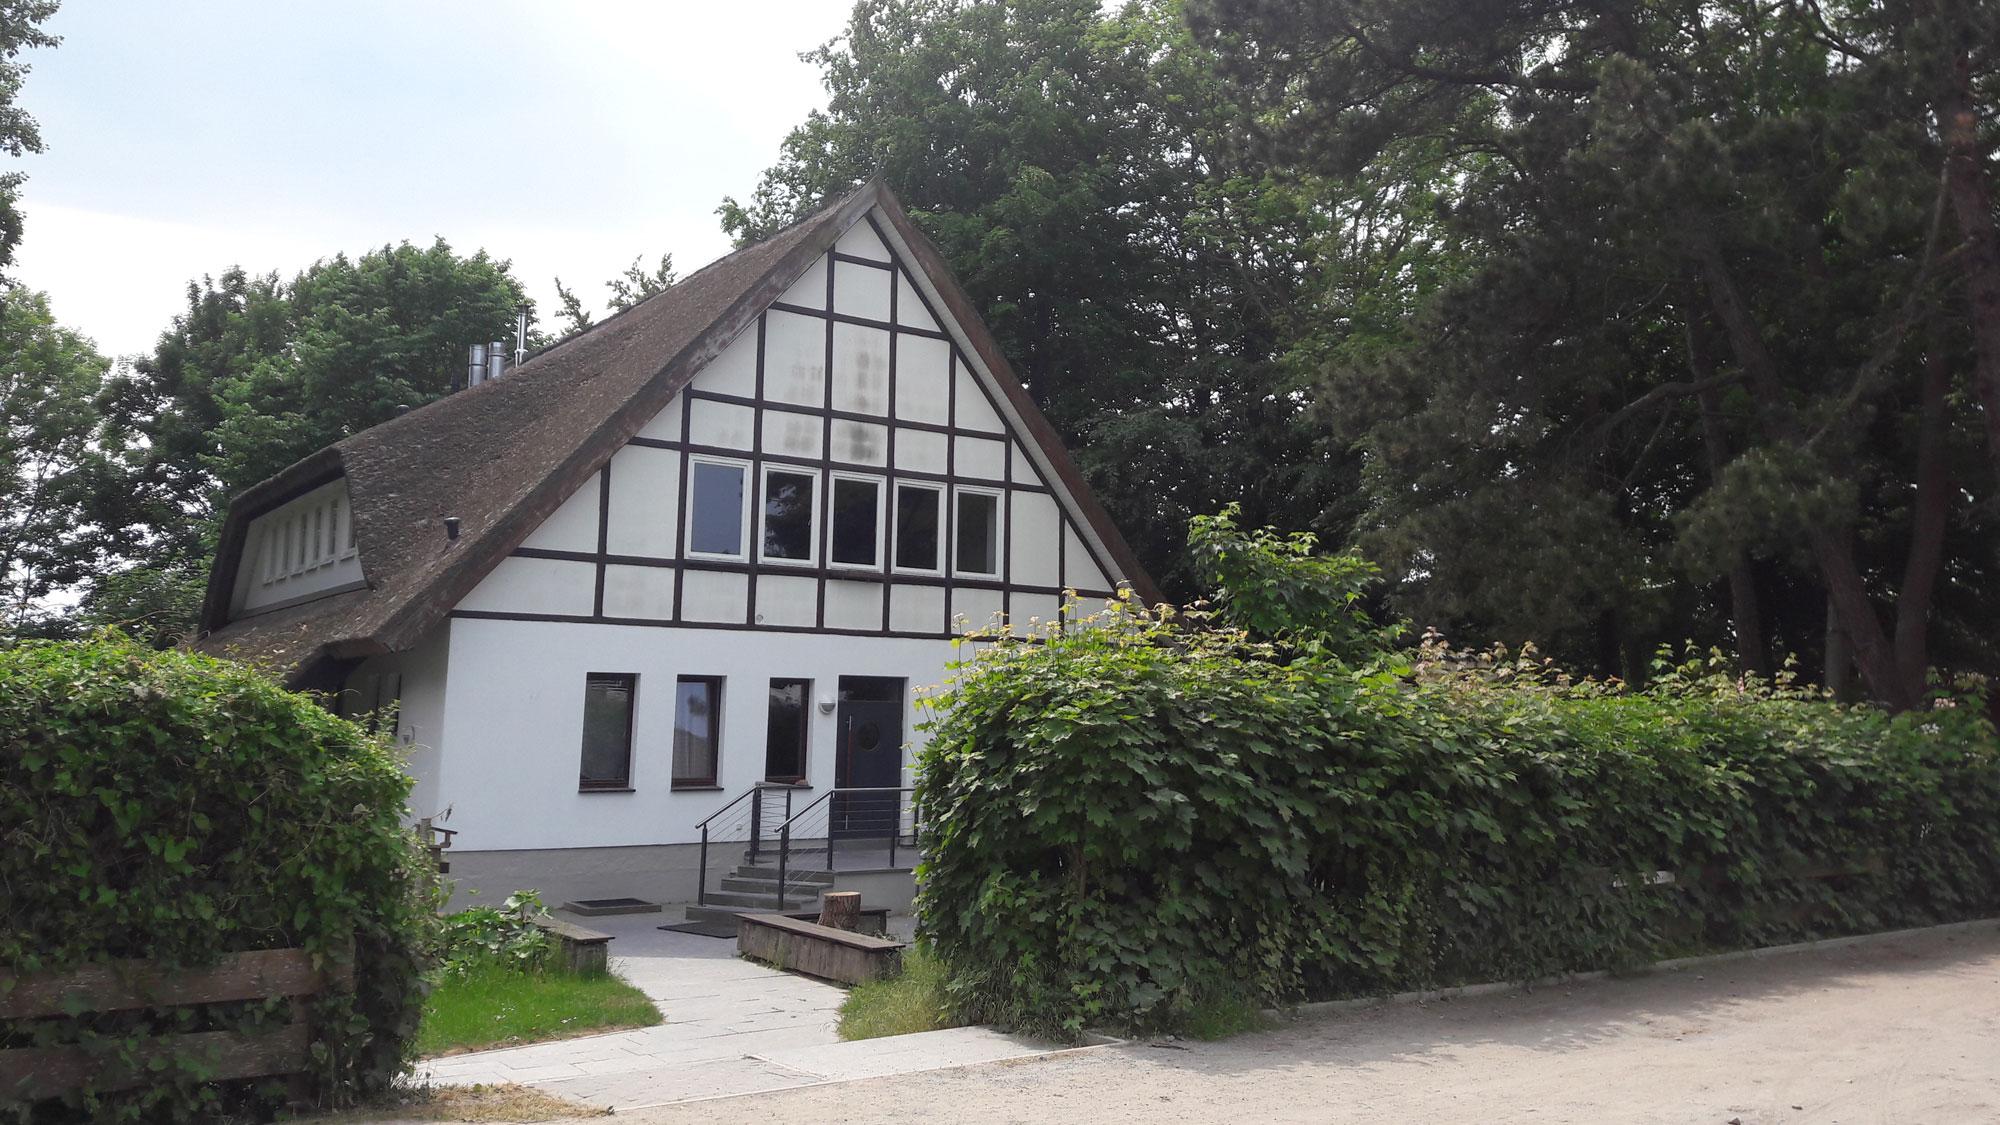 Gästehaus der ev. Gemeinde in Kloster gegenüber der Inselkirche Copyright: Cornelia Saxe